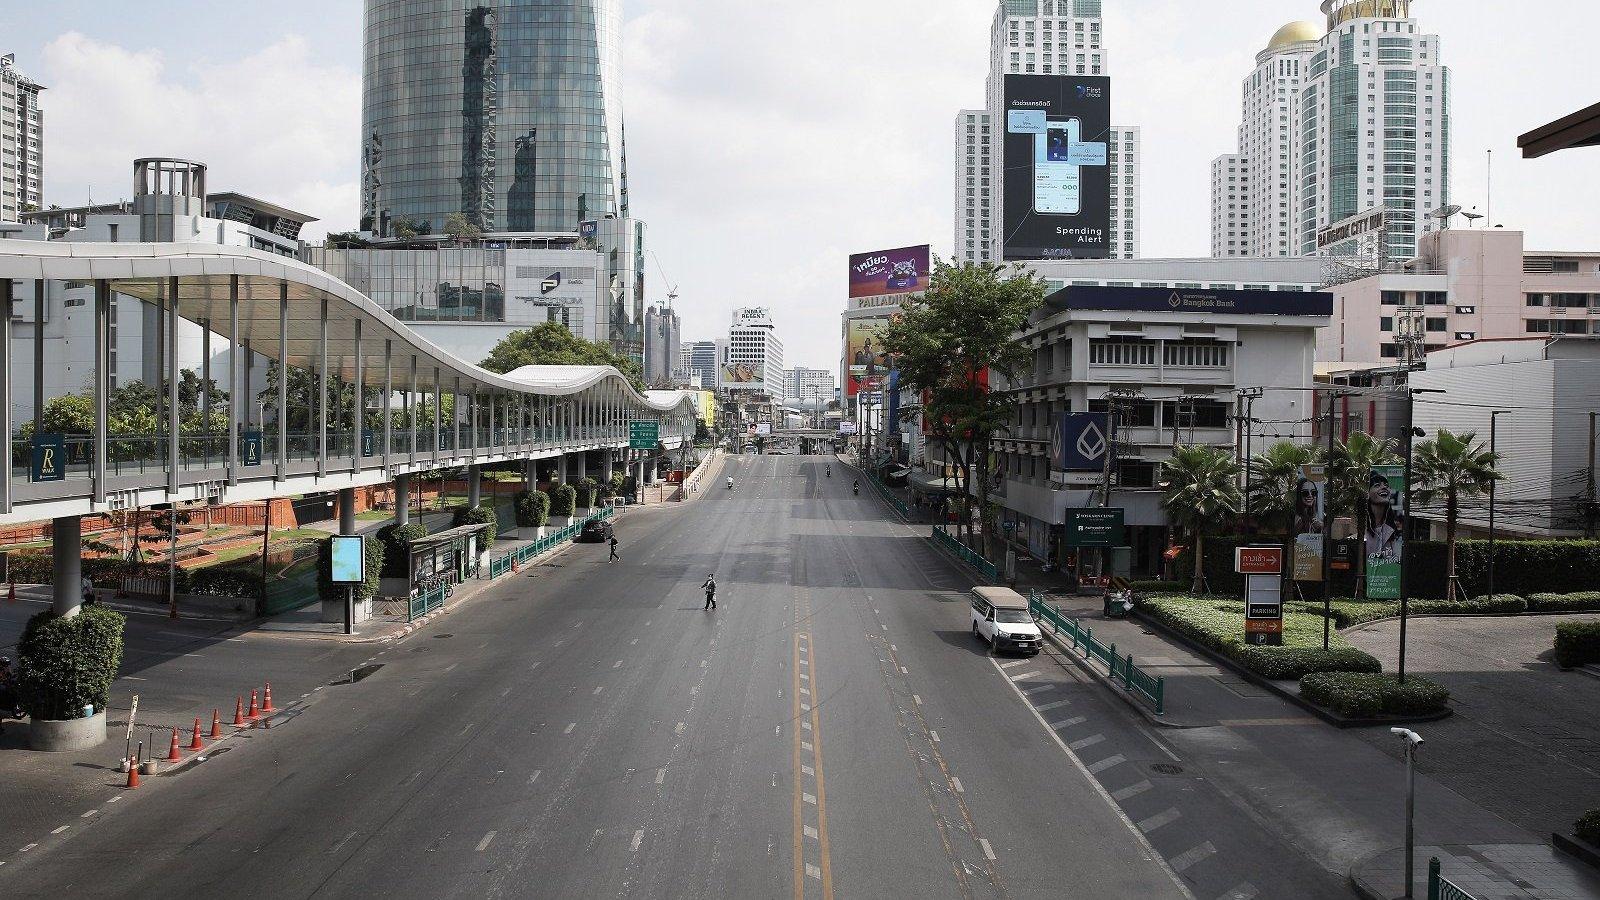 ไวรัสโคโรนา : สภาพกรุงเทพฯ หลังผ่าน 3 เดือนวิกฤตโควิด-19